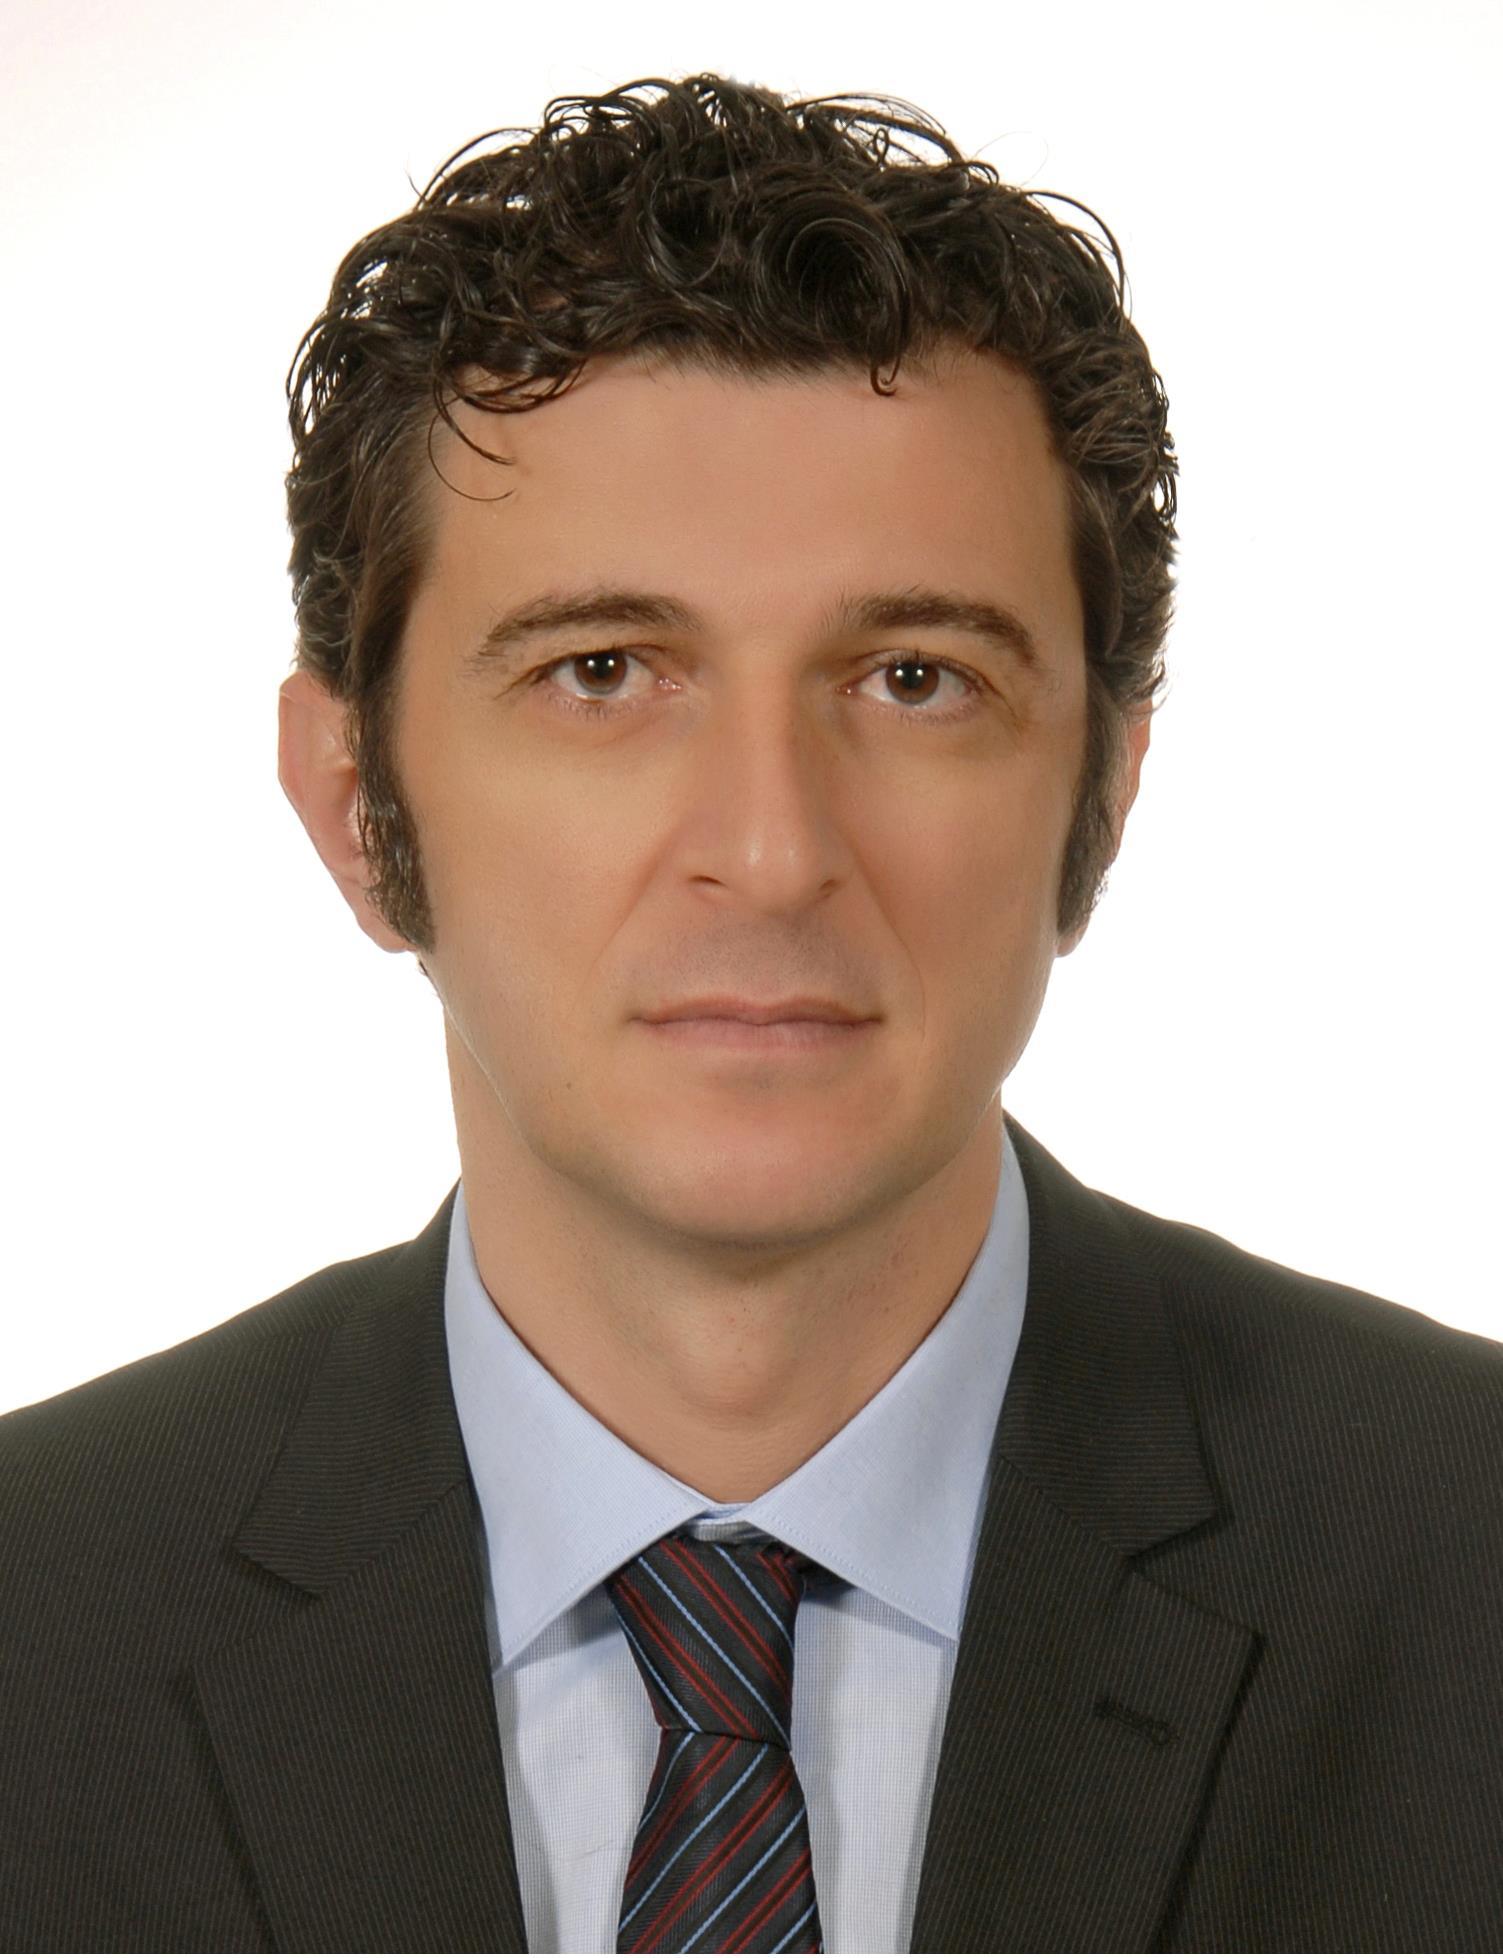 Muhamed Krasniqi